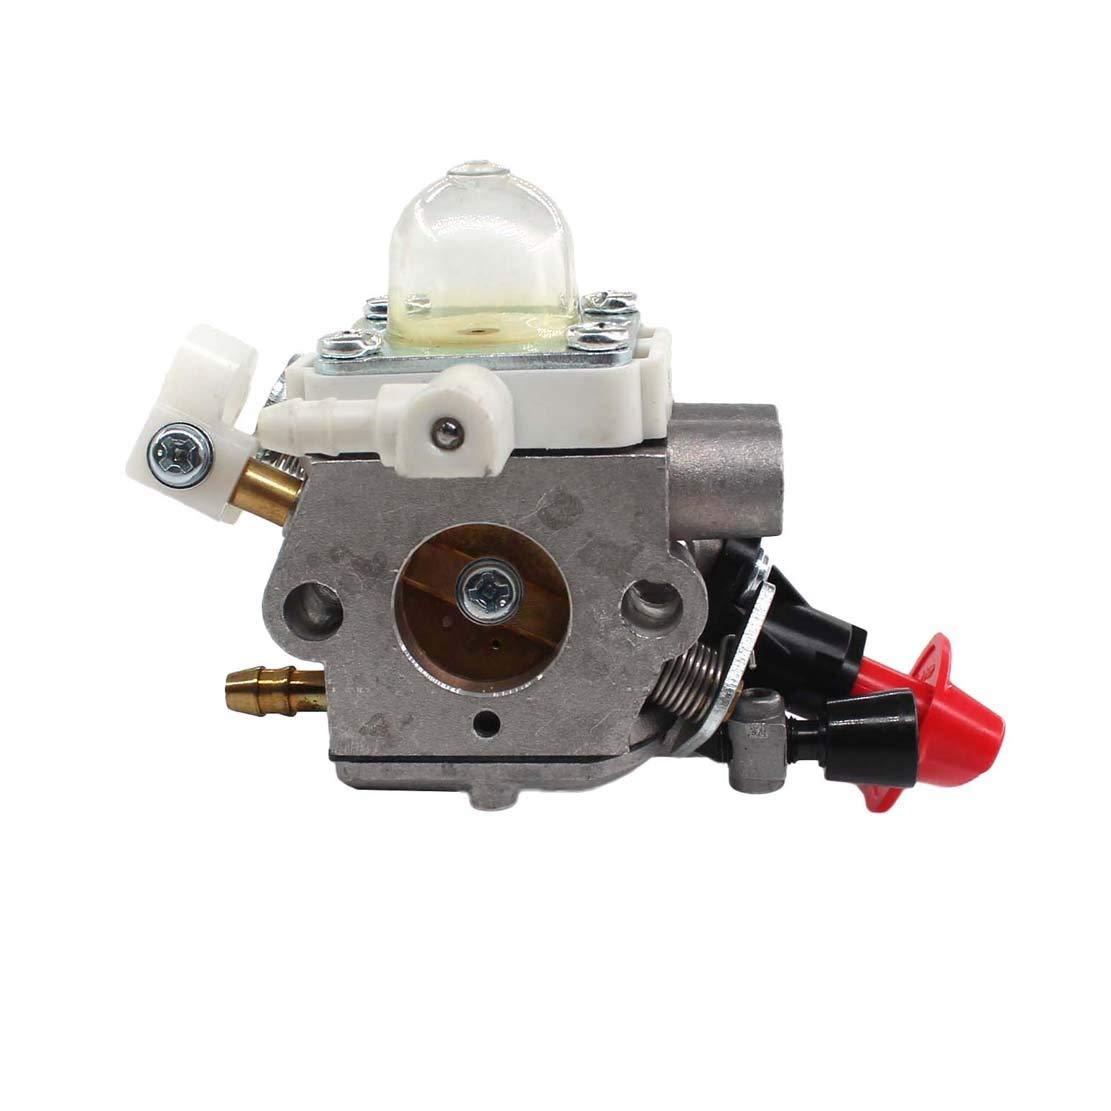 WANWU Carburateur Pi/èces de Rechange pour Stihl FS40 FS50 FS56 HT56 KM56 KN56 FS56C FS70 FS70C FC56C FC70 FC70C remplace ZAMA C1M-S267 4144-120-0608